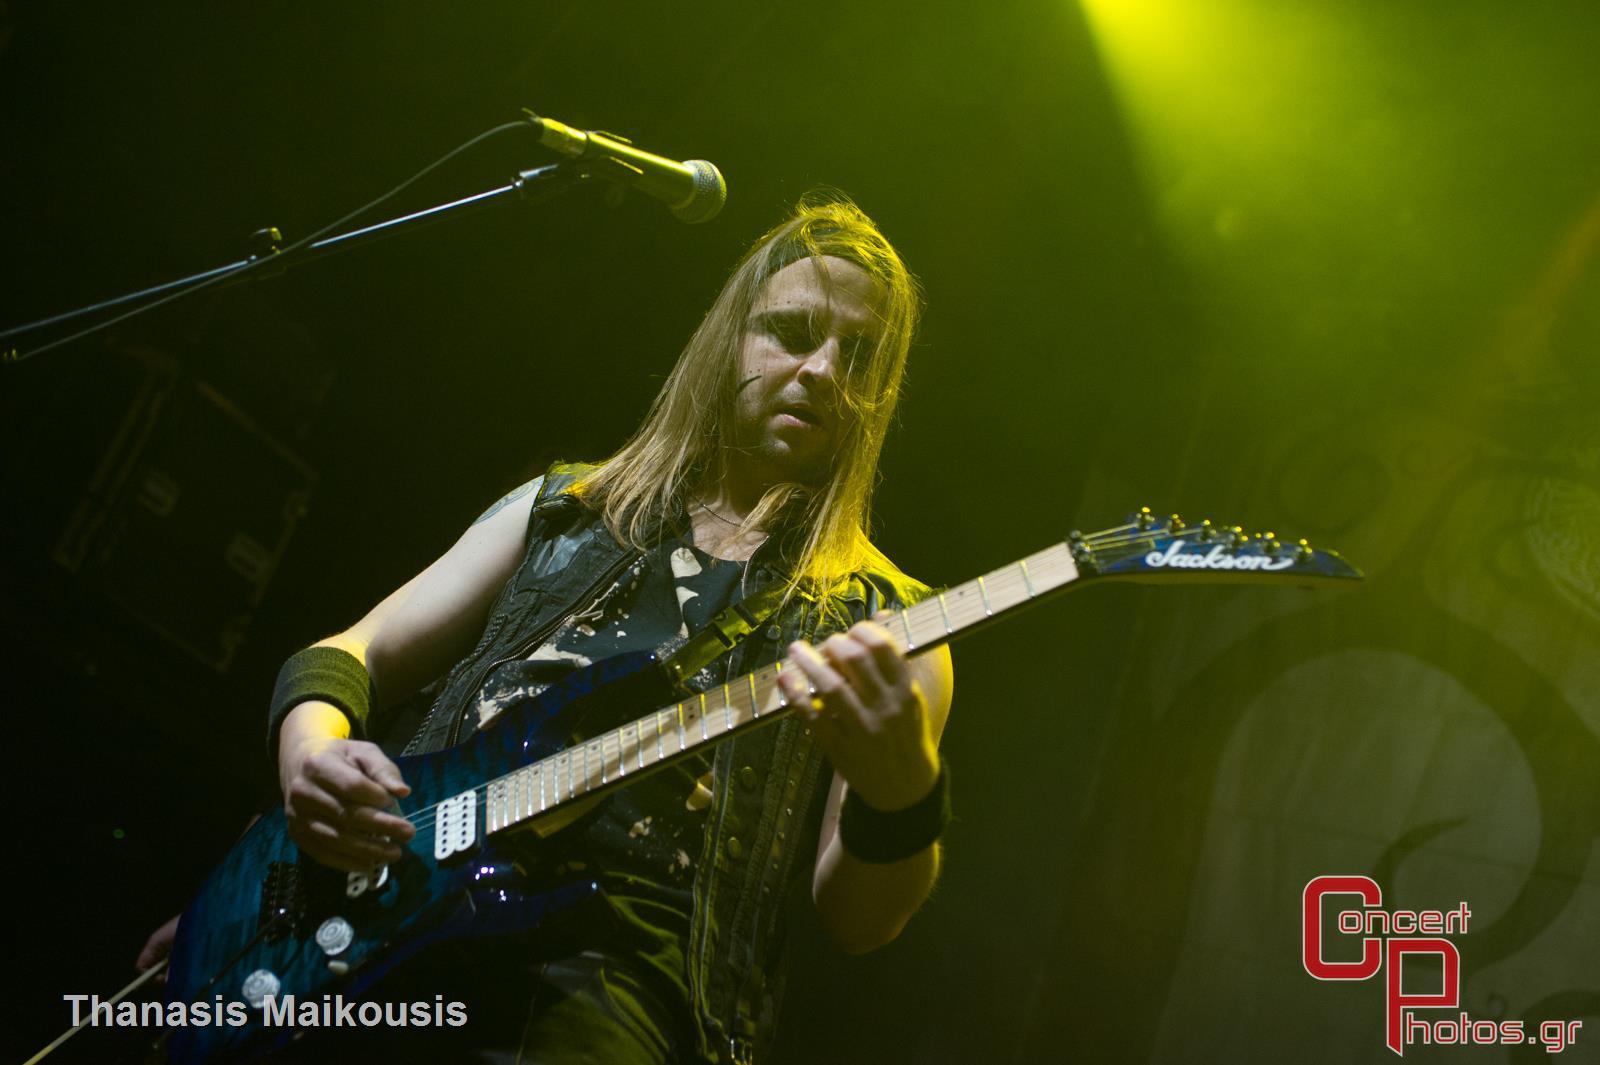 Hammerfall Elvenking-Hammerfall Elvenking photographer: Thanasis Maikousis - _DSC0859